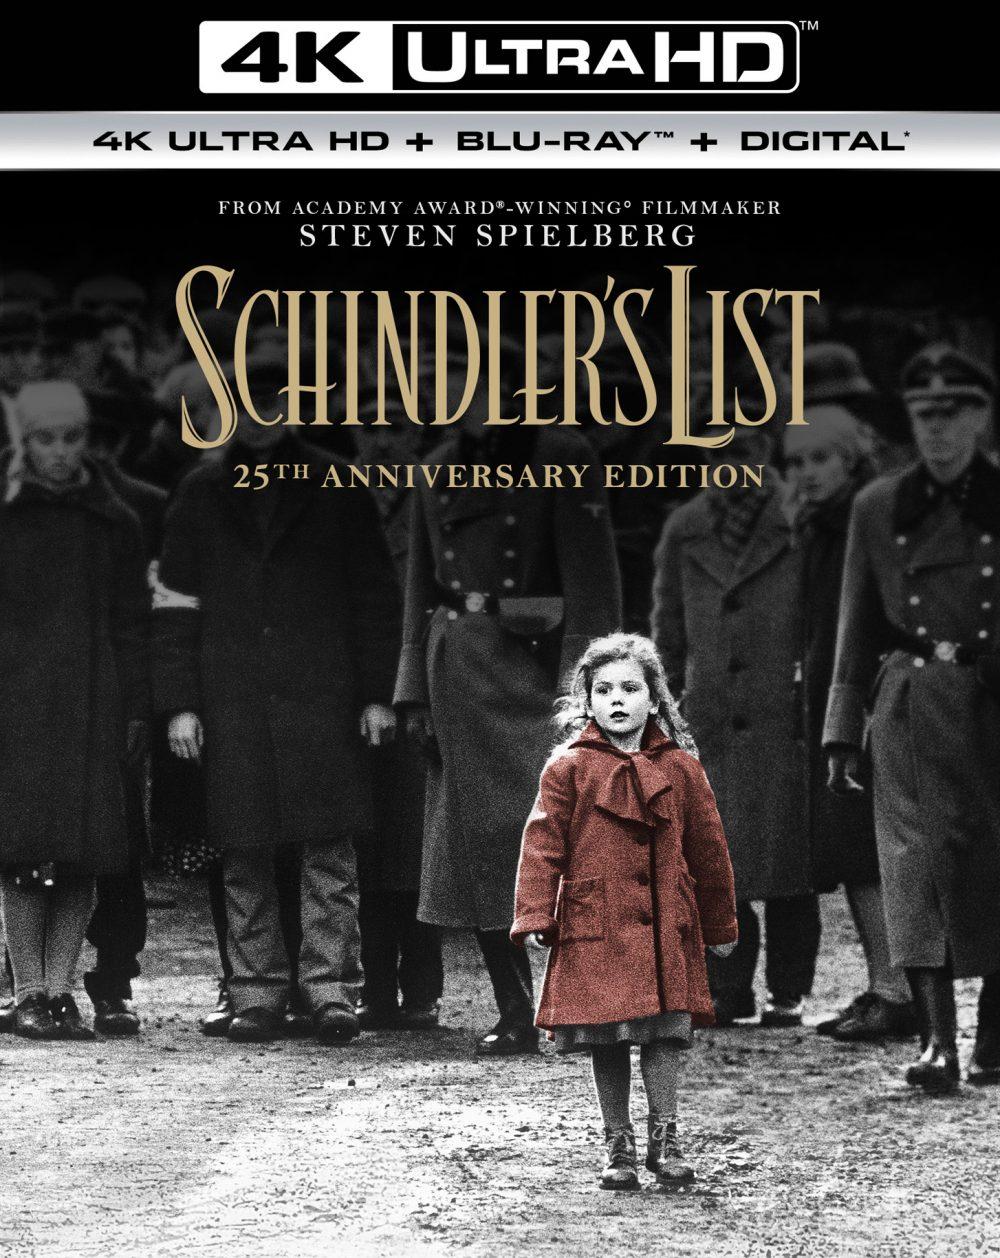 100 phim hay nhất mọi thời đại:Bản danh sách của Schindler